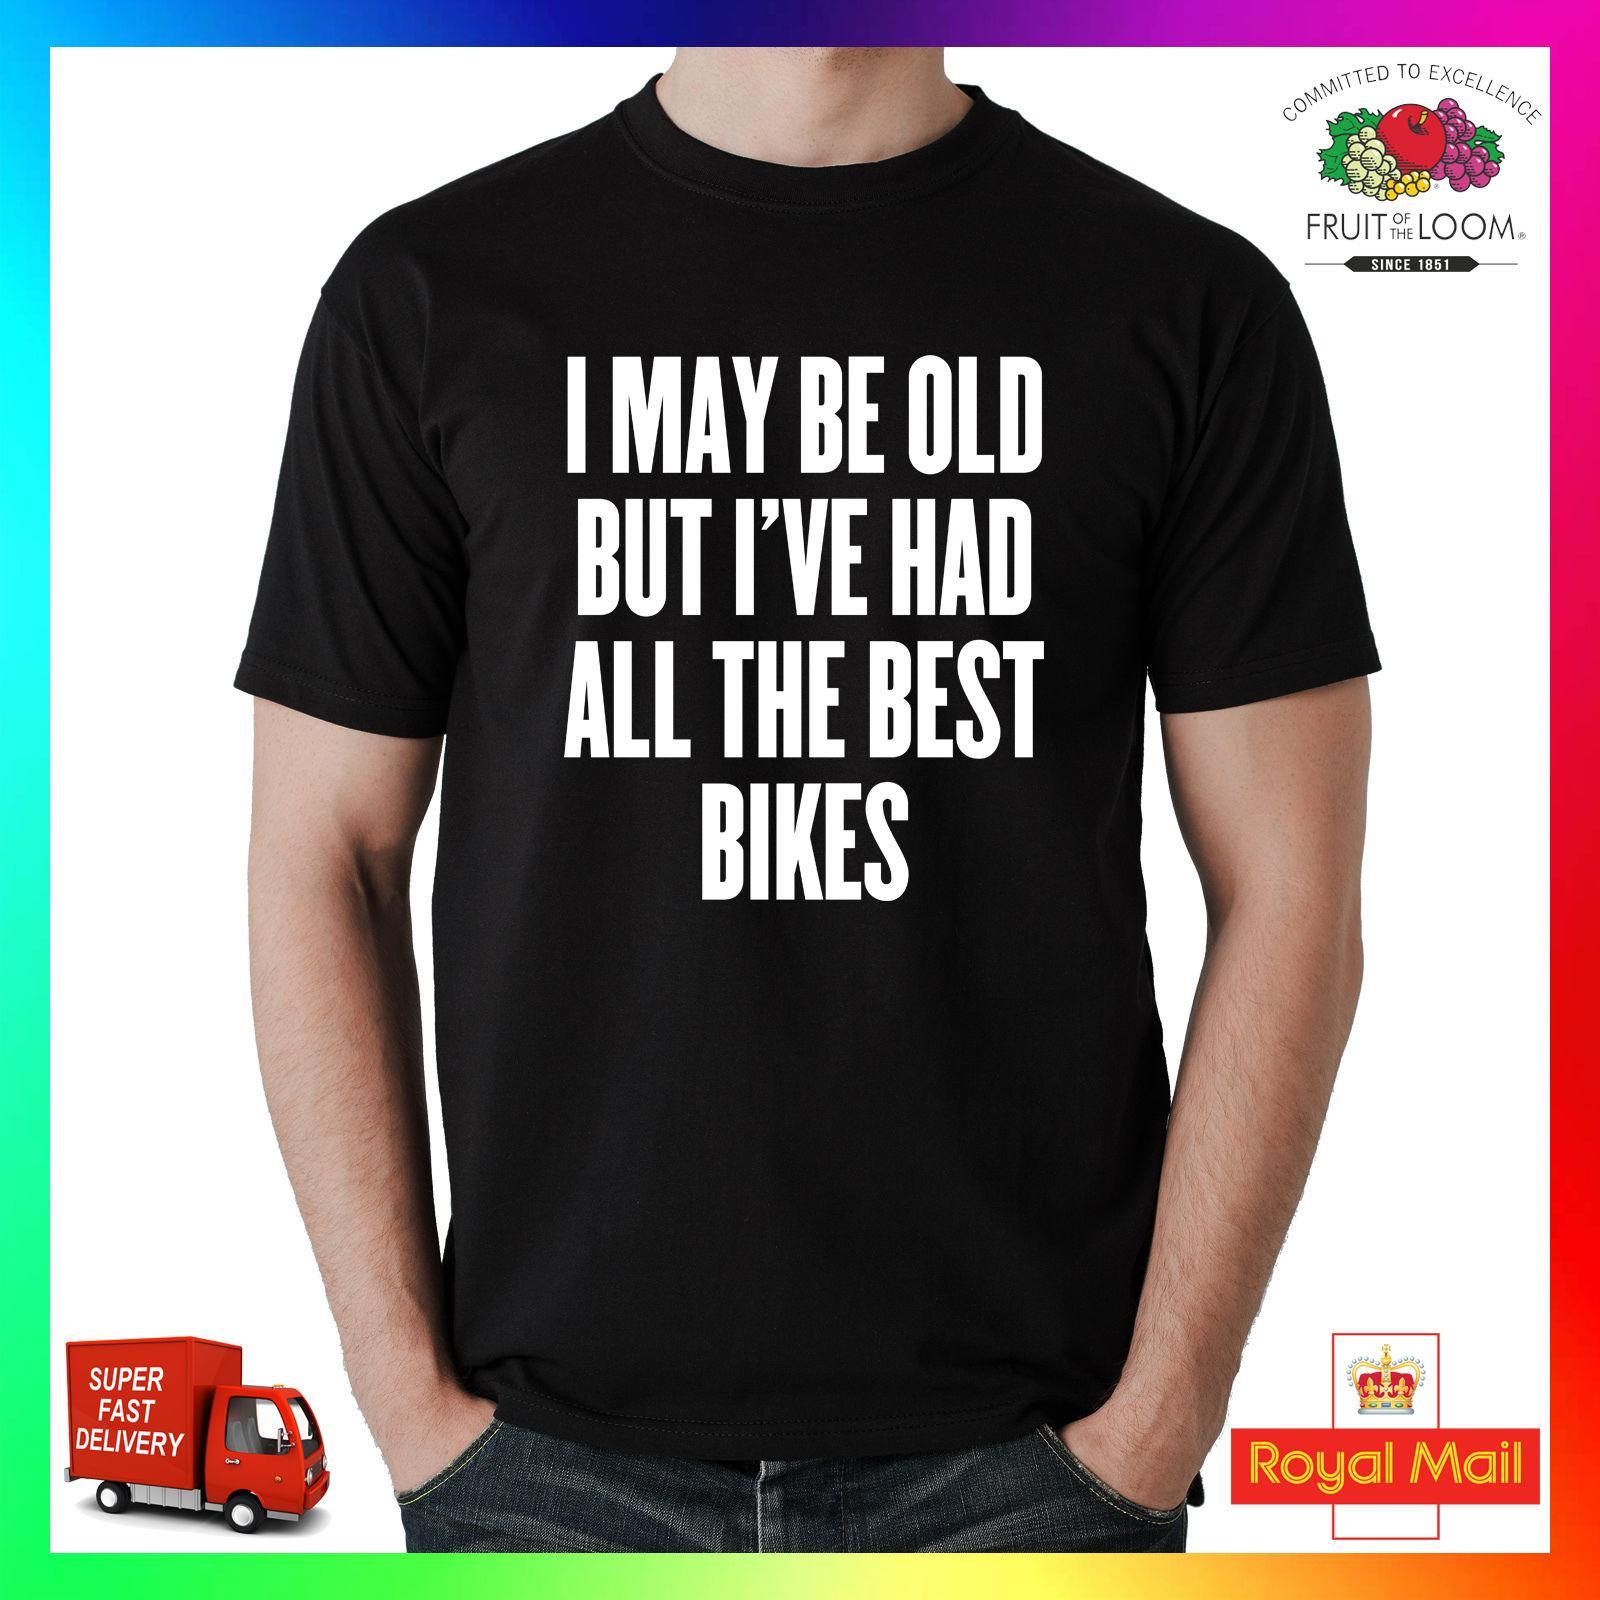 5463b5572485 I May Be Old But I've Had All The Best Bikes Tee Tshirt T-Shirt ...